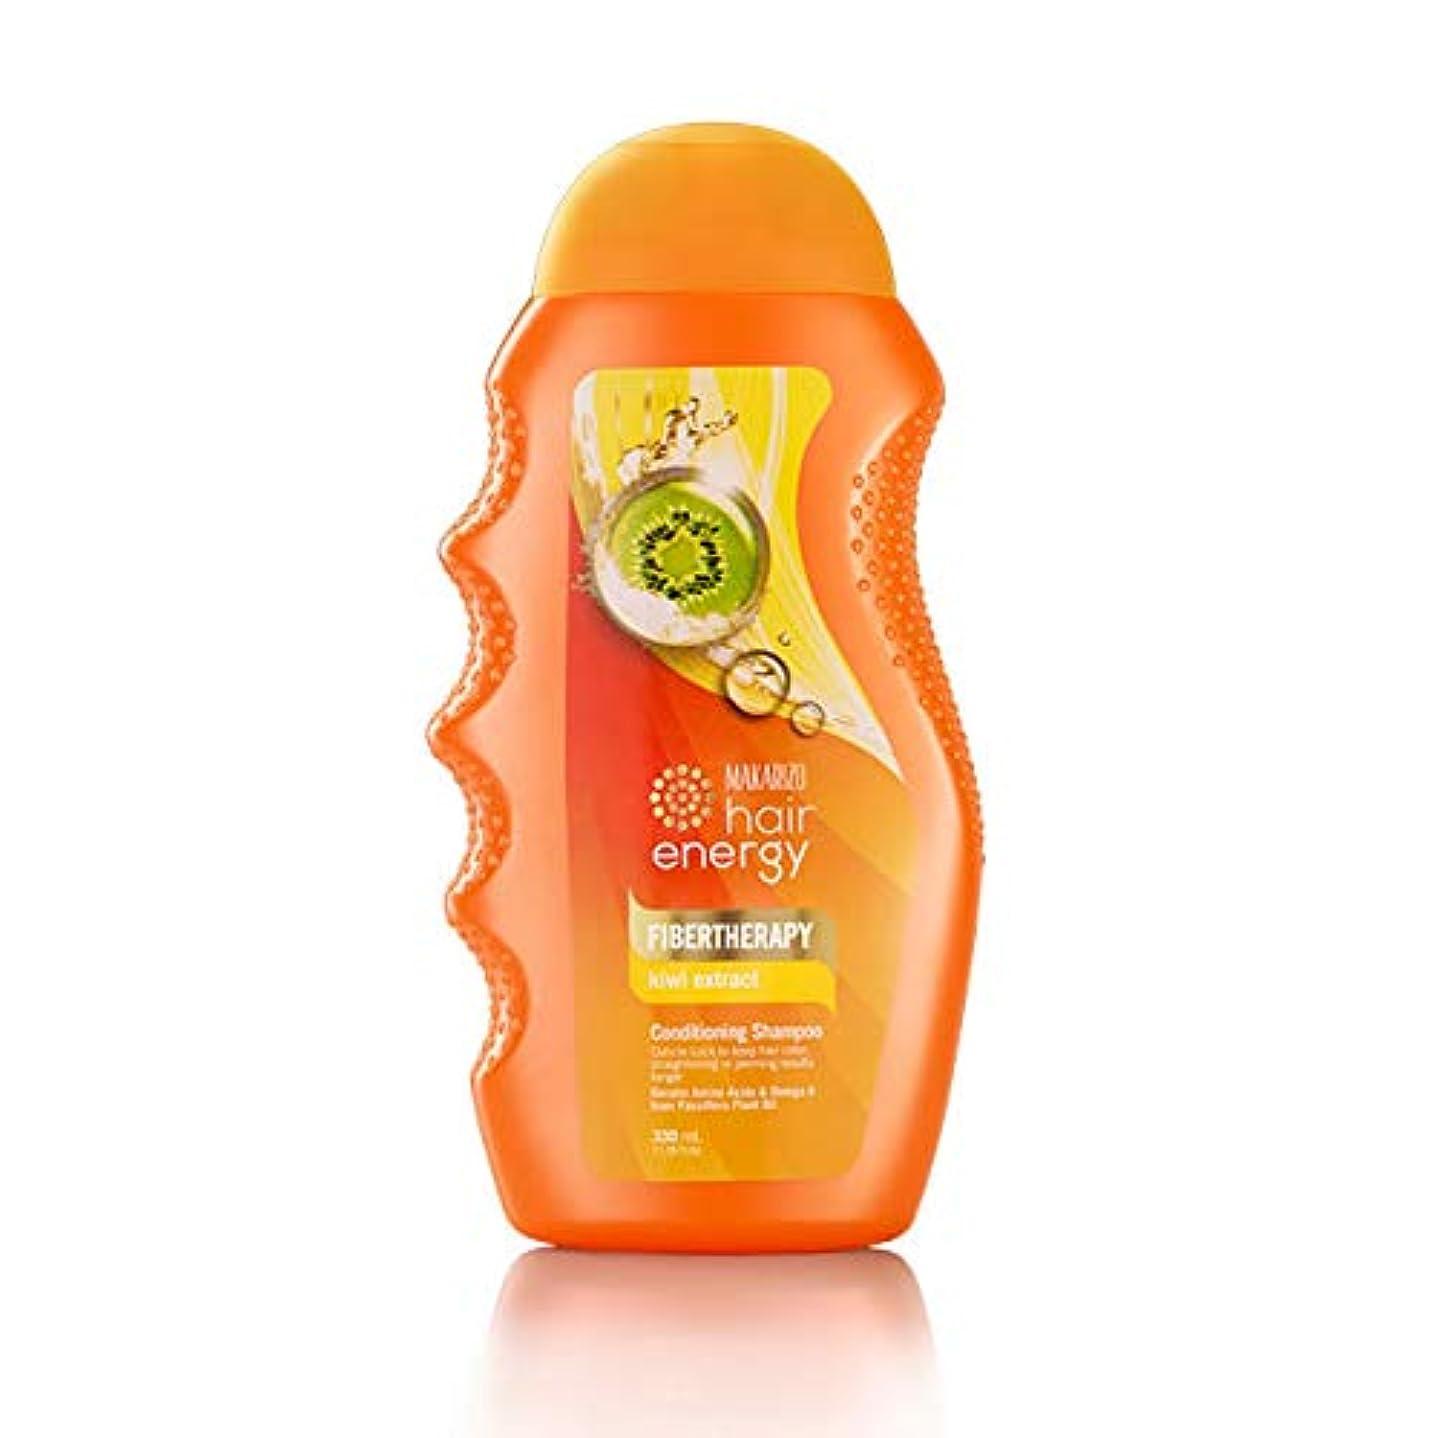 ボウリング医薬一見MAKARIZO マカリゾ Hair Energy ヘアエナジー ファイバーセラピー コンディショニングシャンプー 170ml Kiwi キウィ [海外直送品]